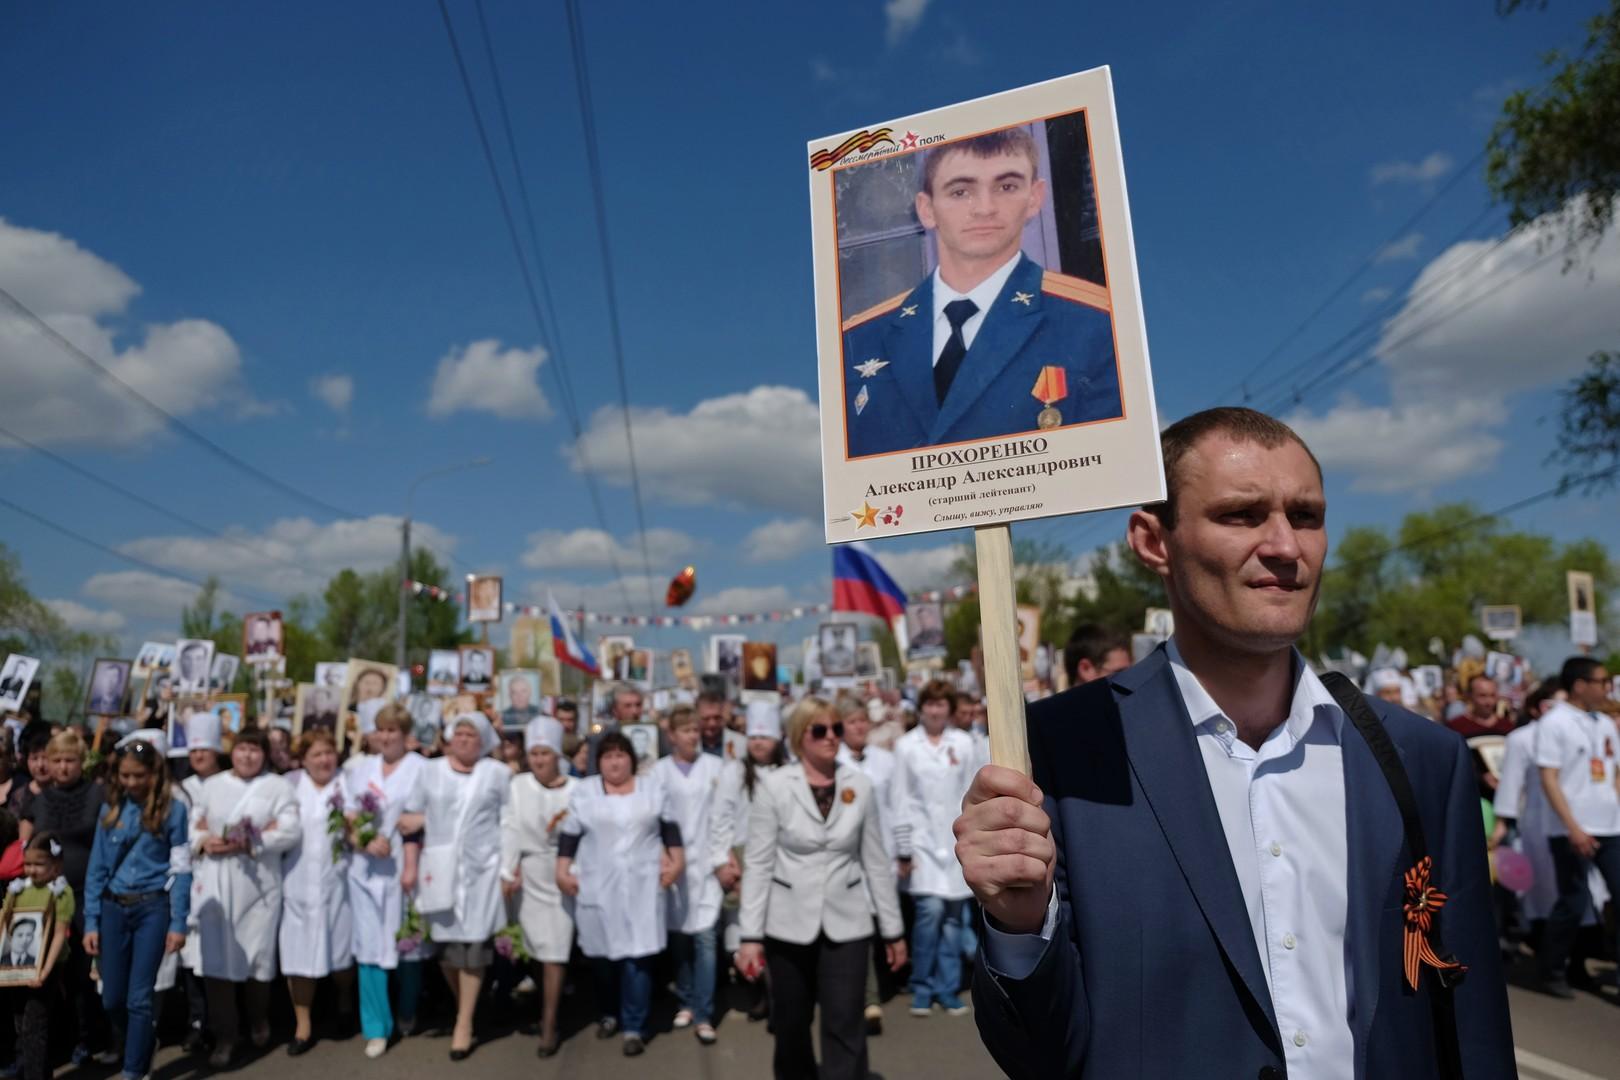 «Подвиг мирового уровня»: ещё одна чета французов передала медали семье офицера Прохоренко